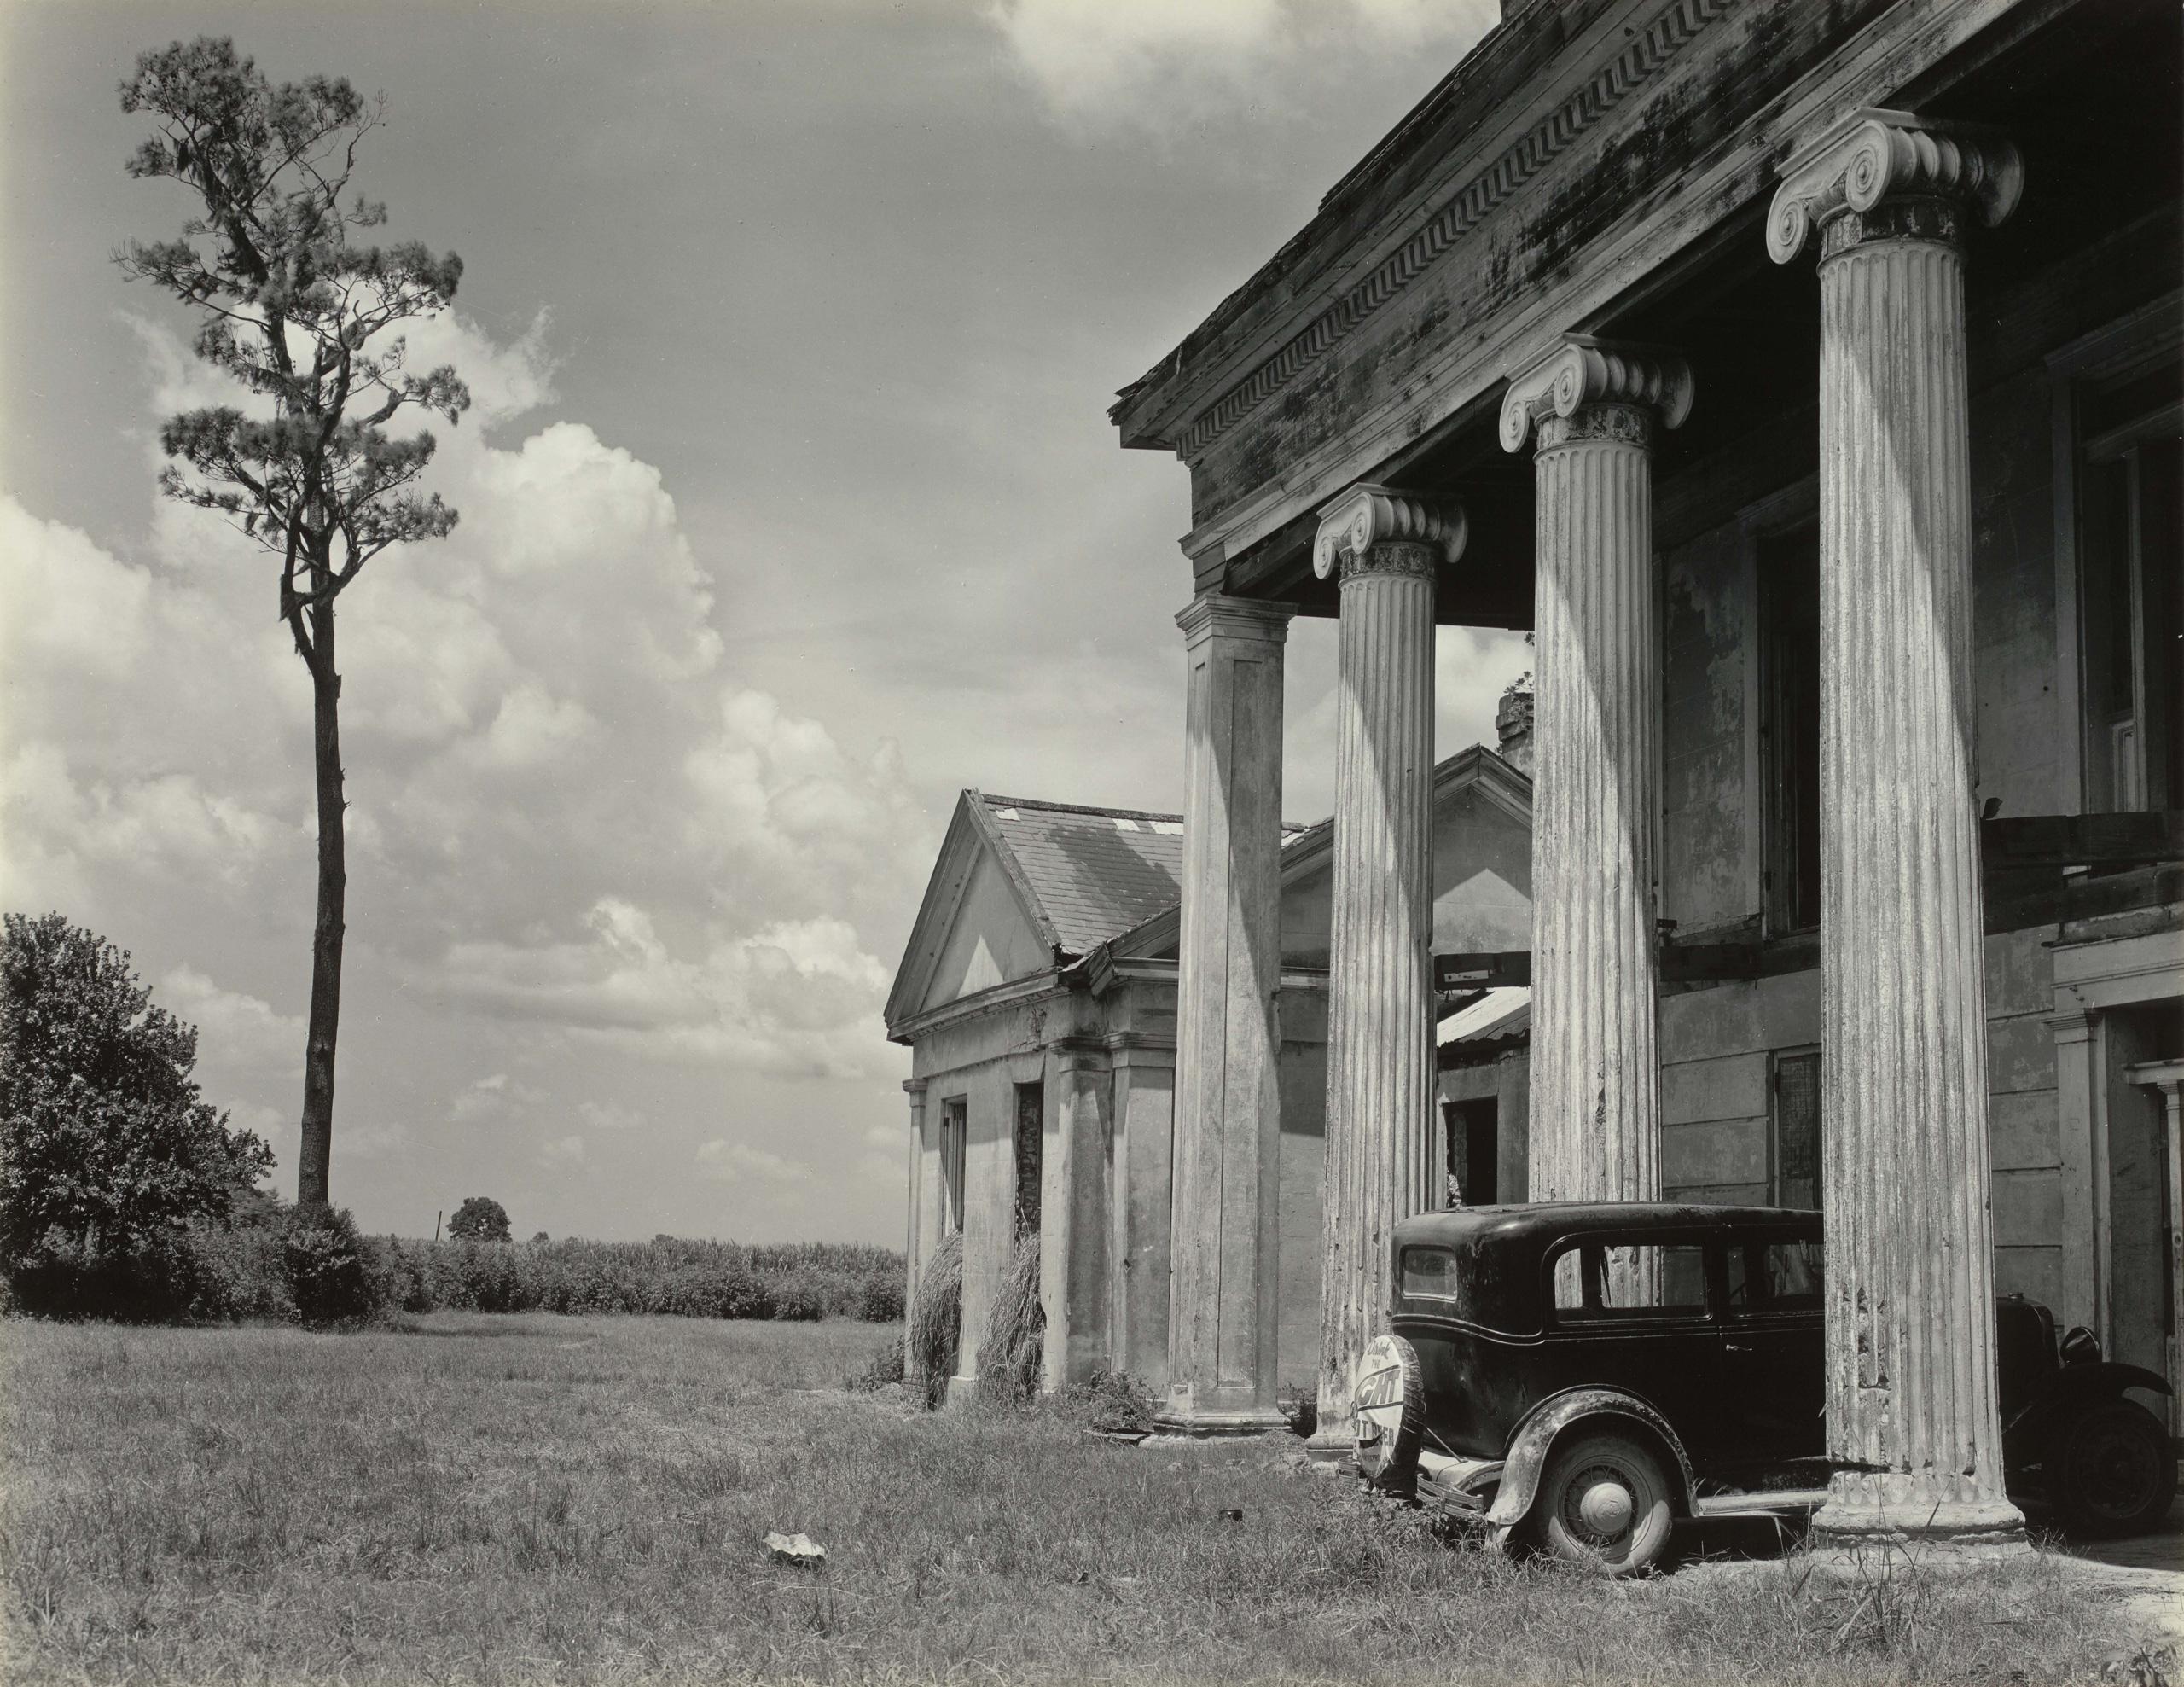 Woodlawn Plantation House, Louisiana, 1941